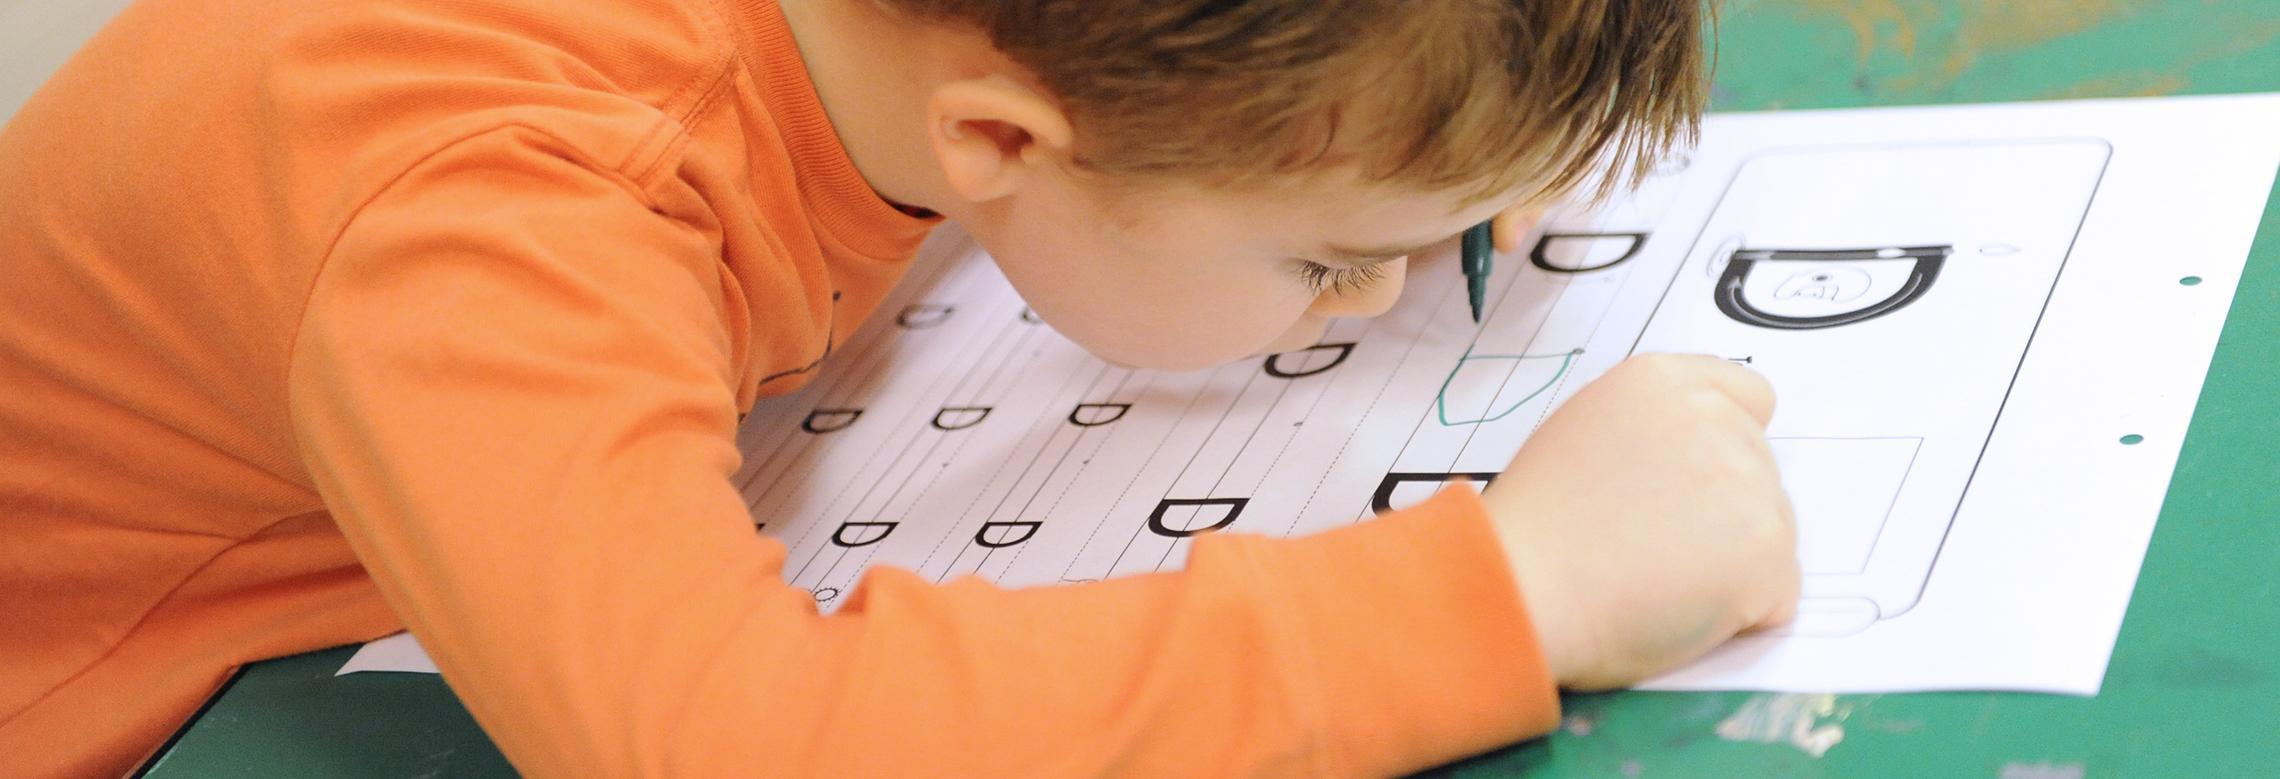 Image d'enfant en train d'écrire